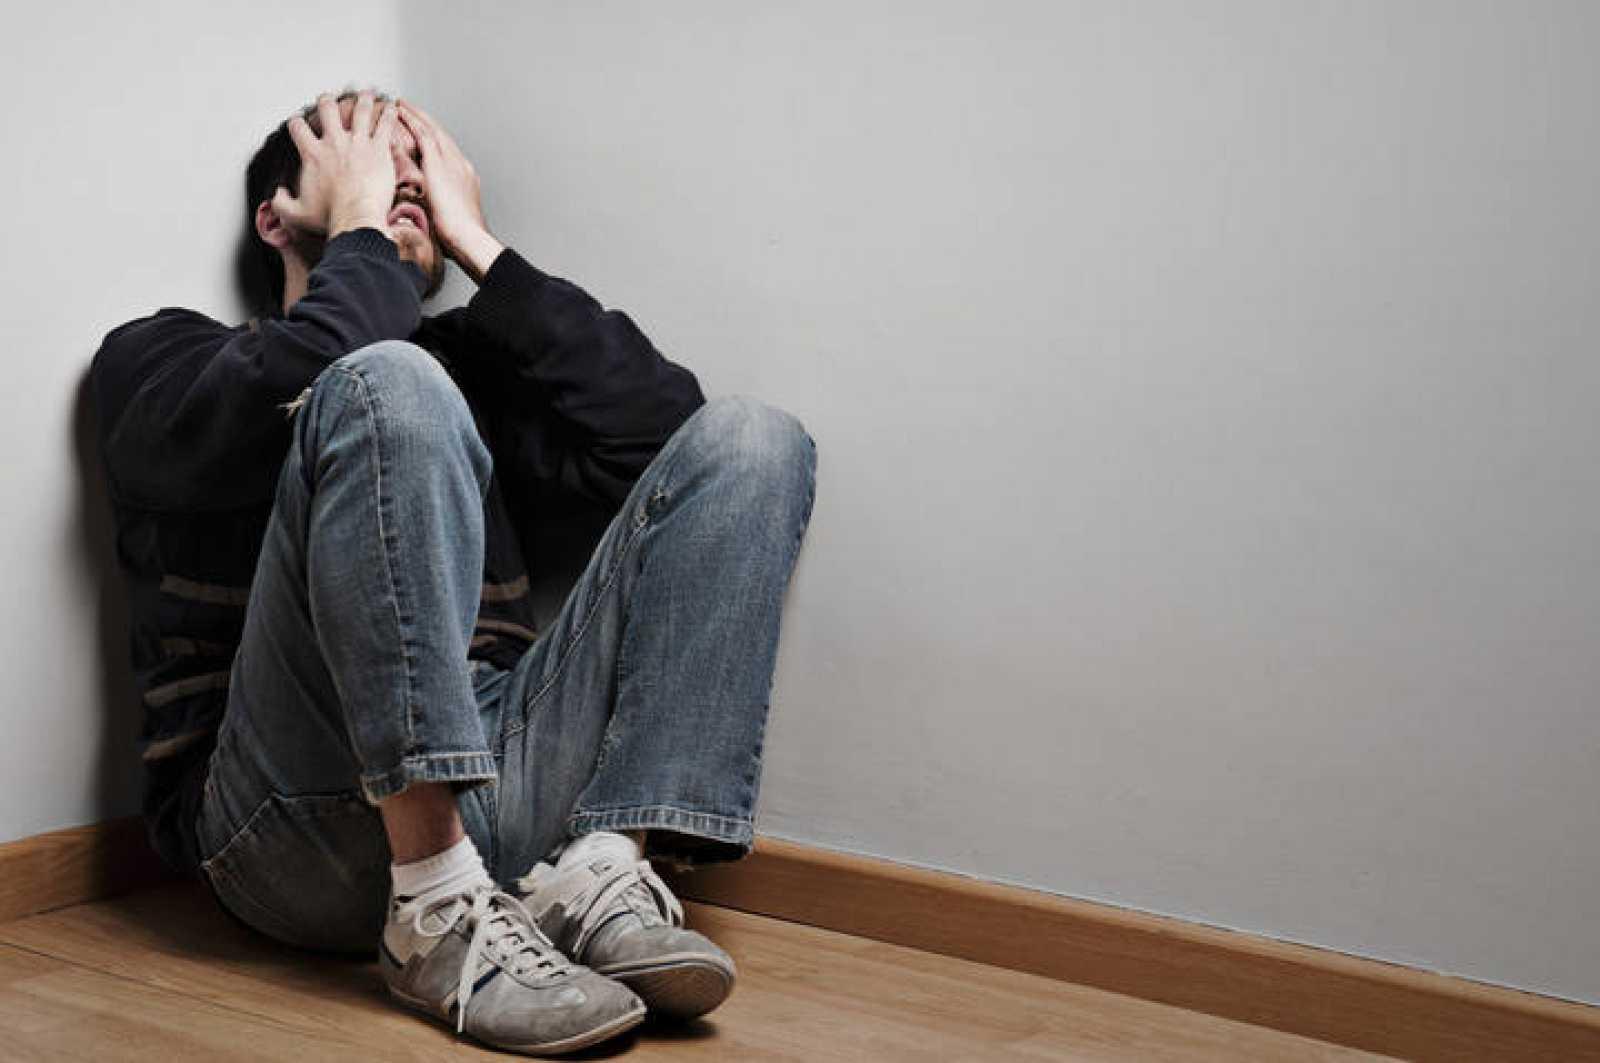 Las asociaciones denuncian recortes en salud mental a pesar del aumento de  pacientes por la crisis - RTVE.es